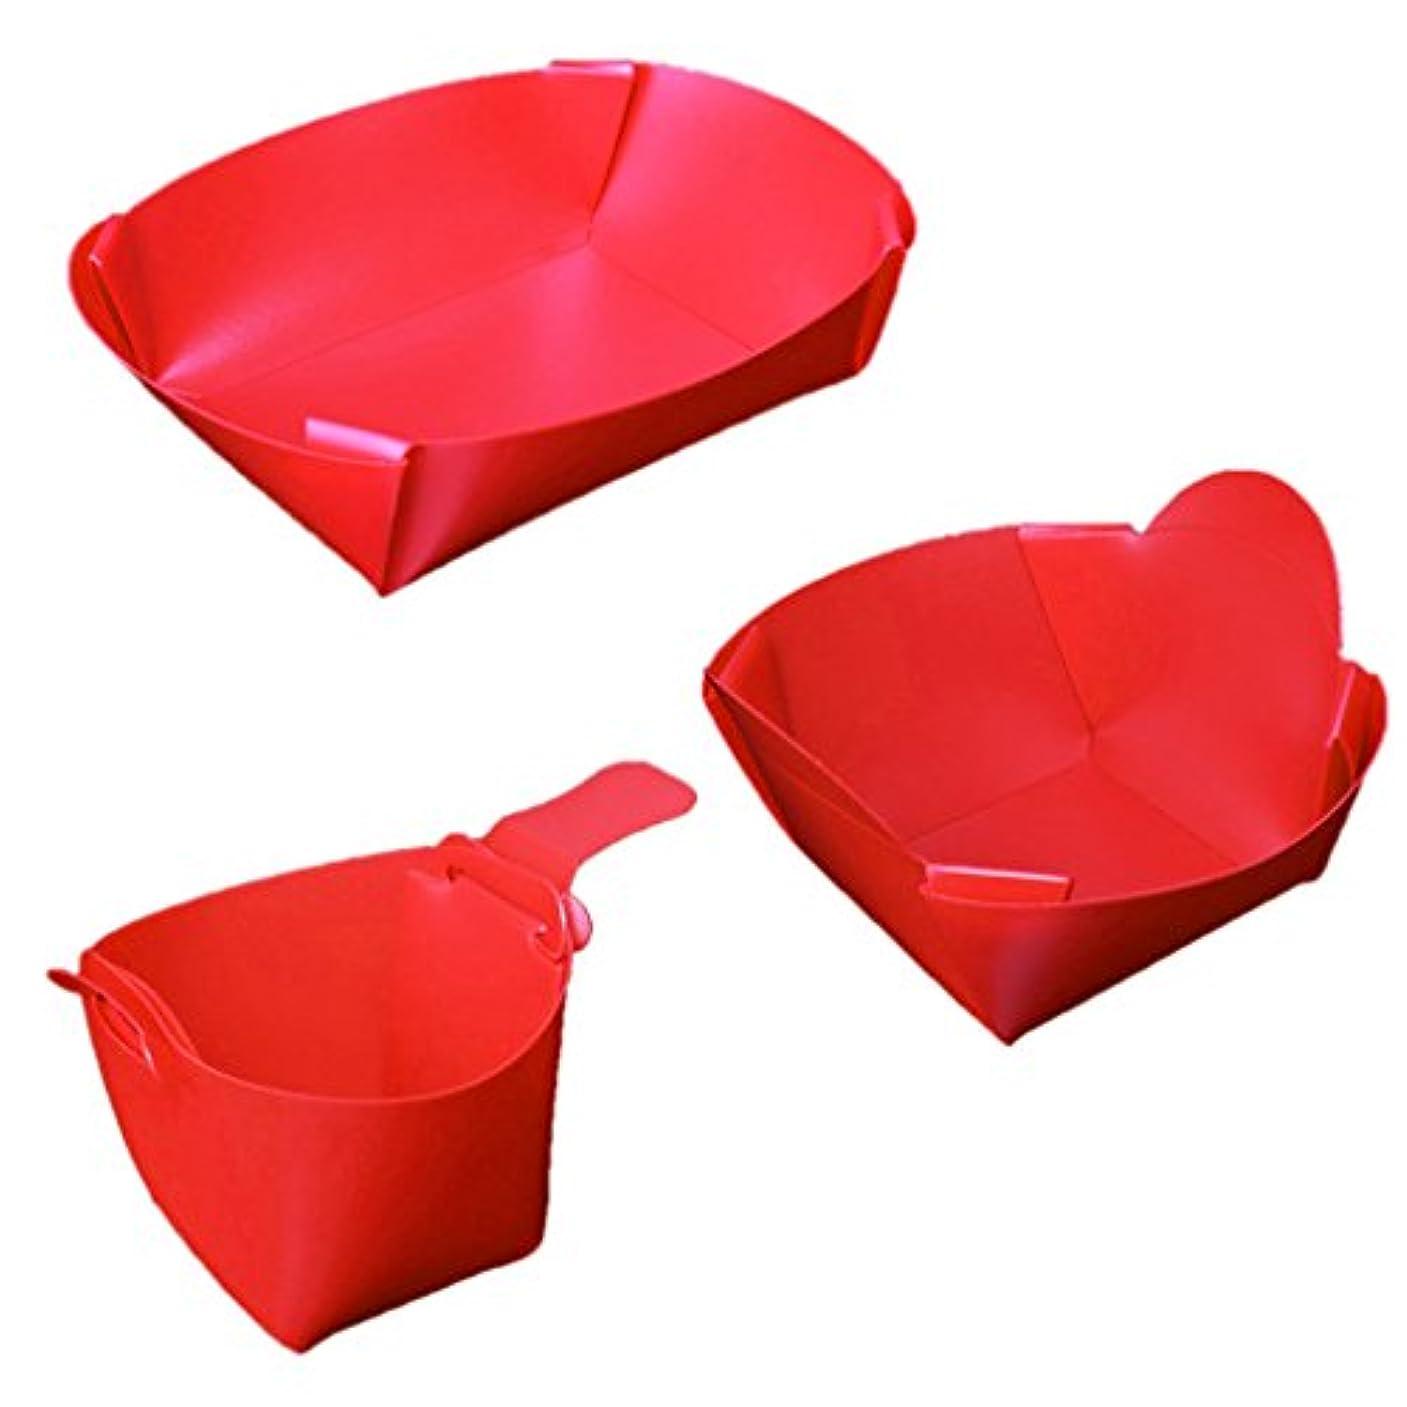 ディプロマ適性枯れるSunniMix ピクニック キャンプ用 食器 折り畳み式 軽量 旅行キット プレート ボウル カップ 3つ